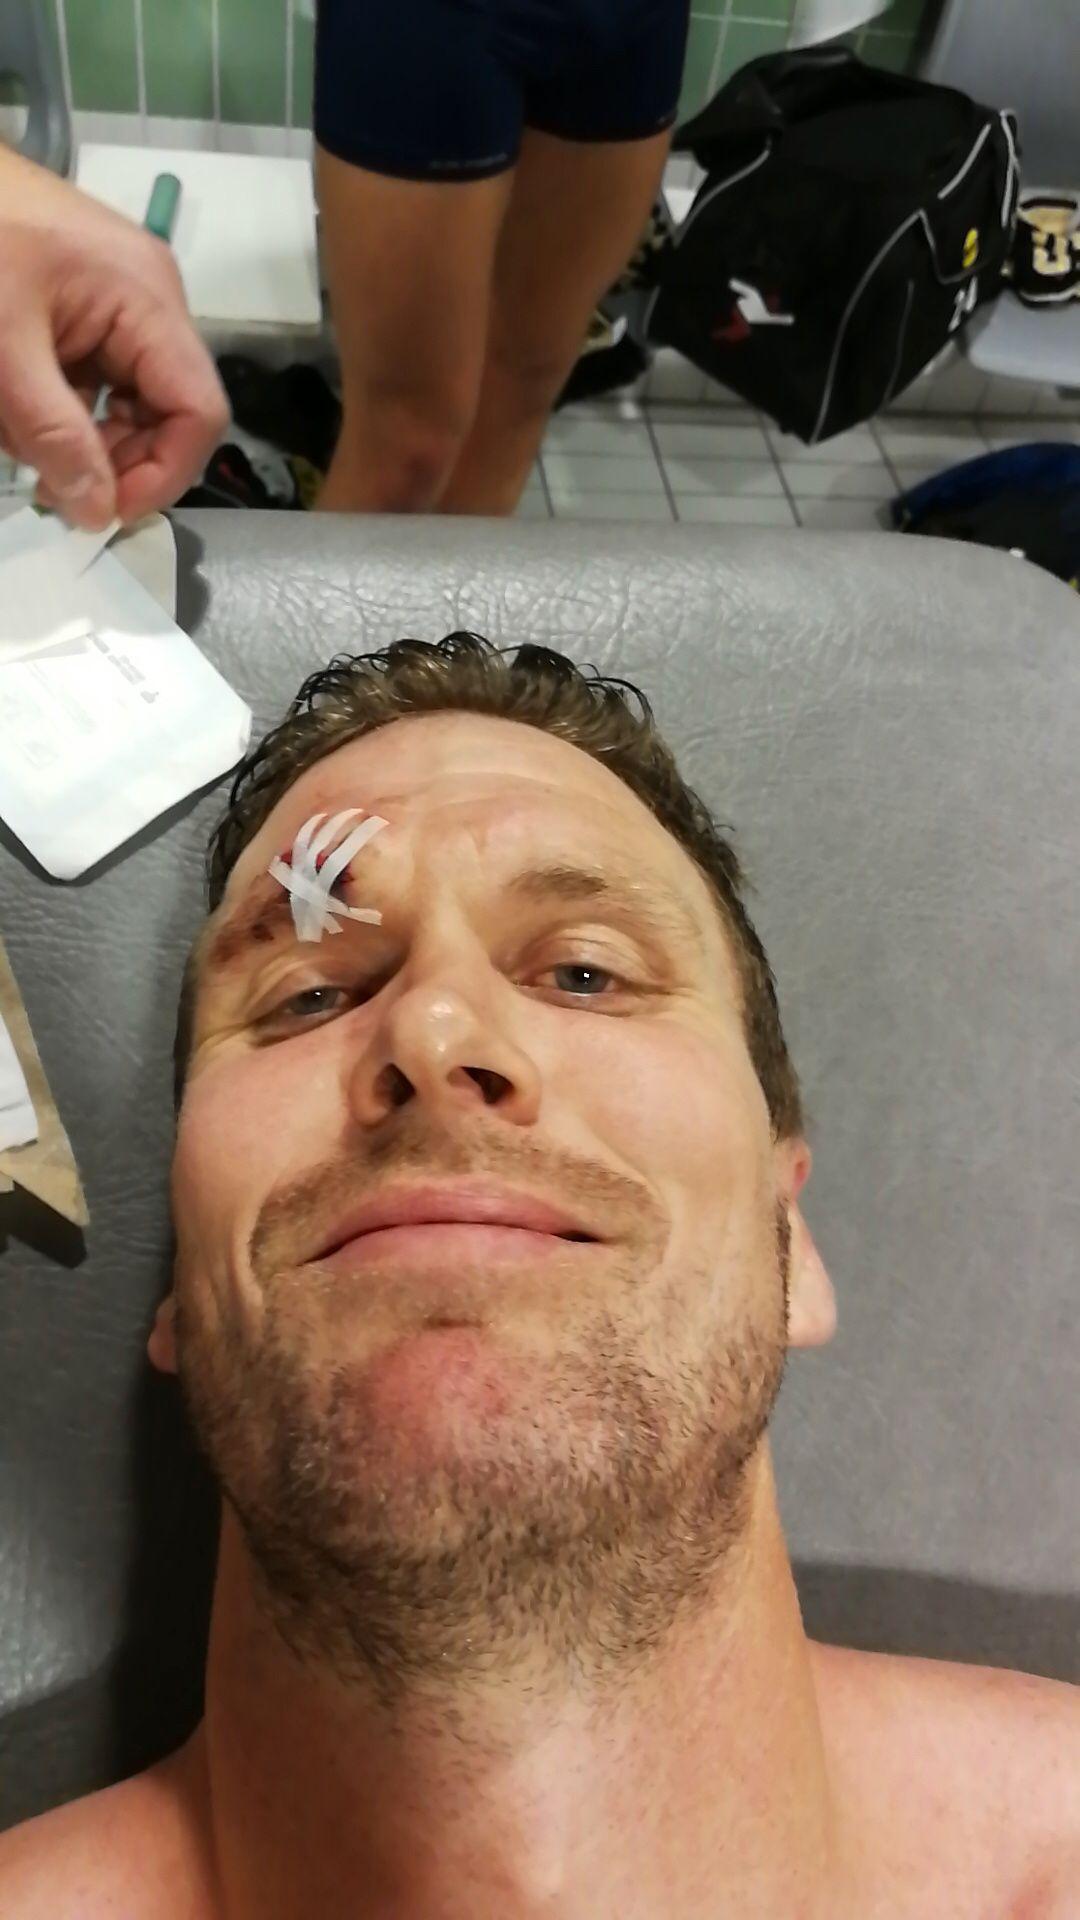 SYKT: Frode Kippe får sydd fire sting over øyete i LSK-gradroben. Men i kveld var han på fest og feiret norgesmesterskapet.